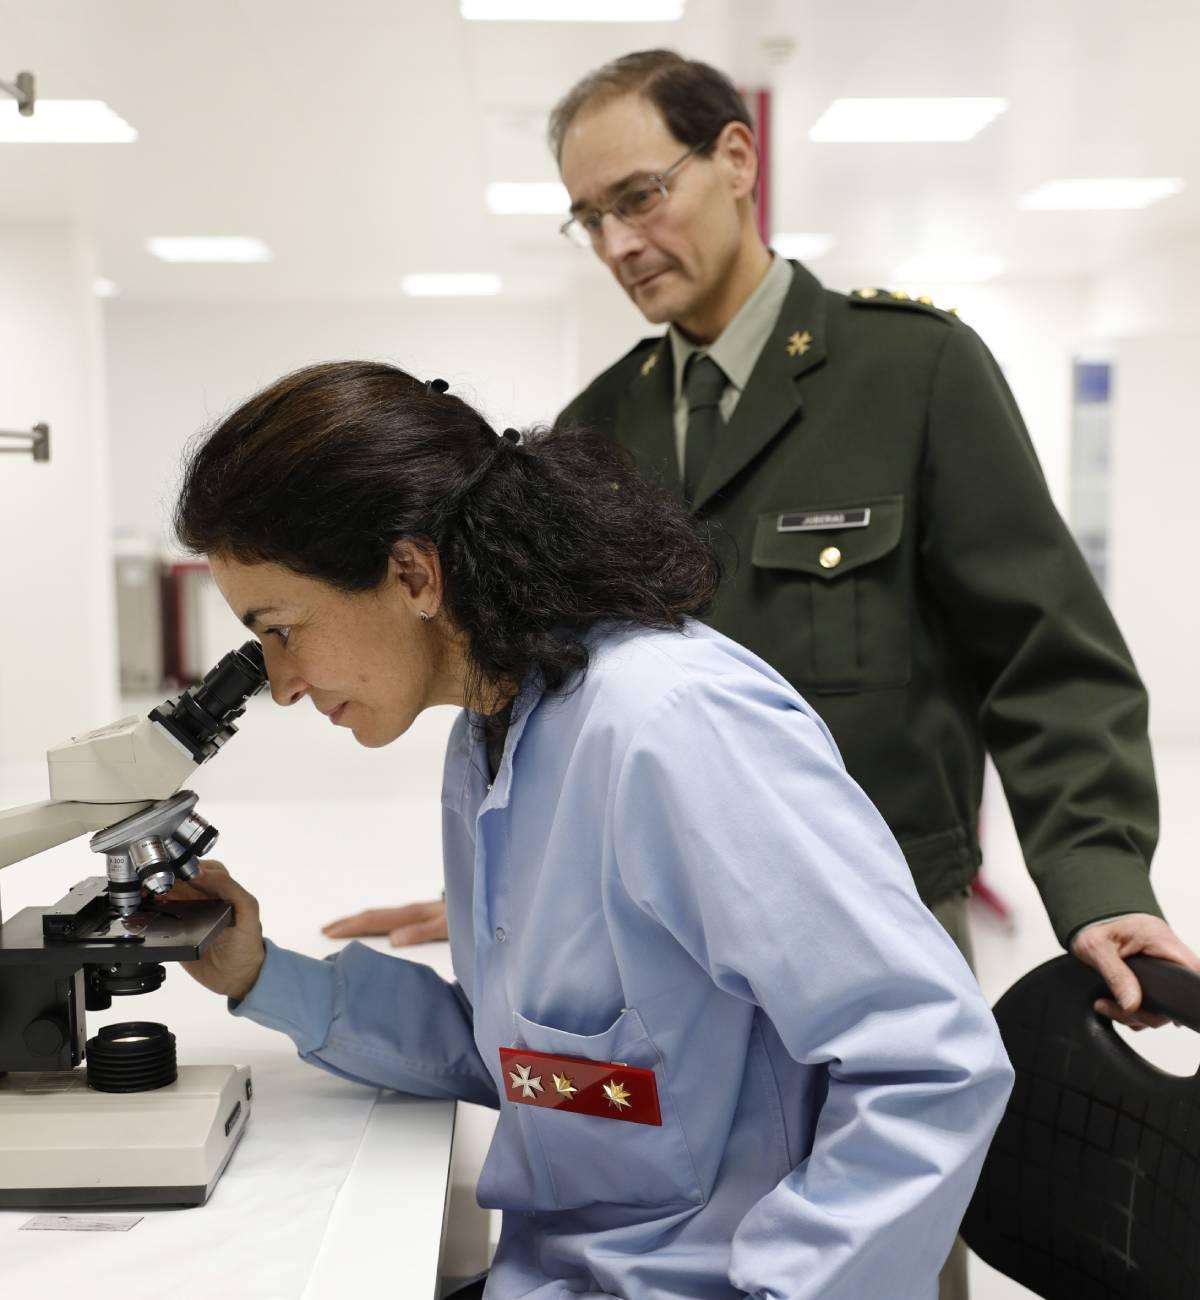 El coronel farmacéutico Antonio Juber�as Sánchez, director del Centro Militar de Farmacia de la Defensa. /Sergio Enr�quez Nistal.